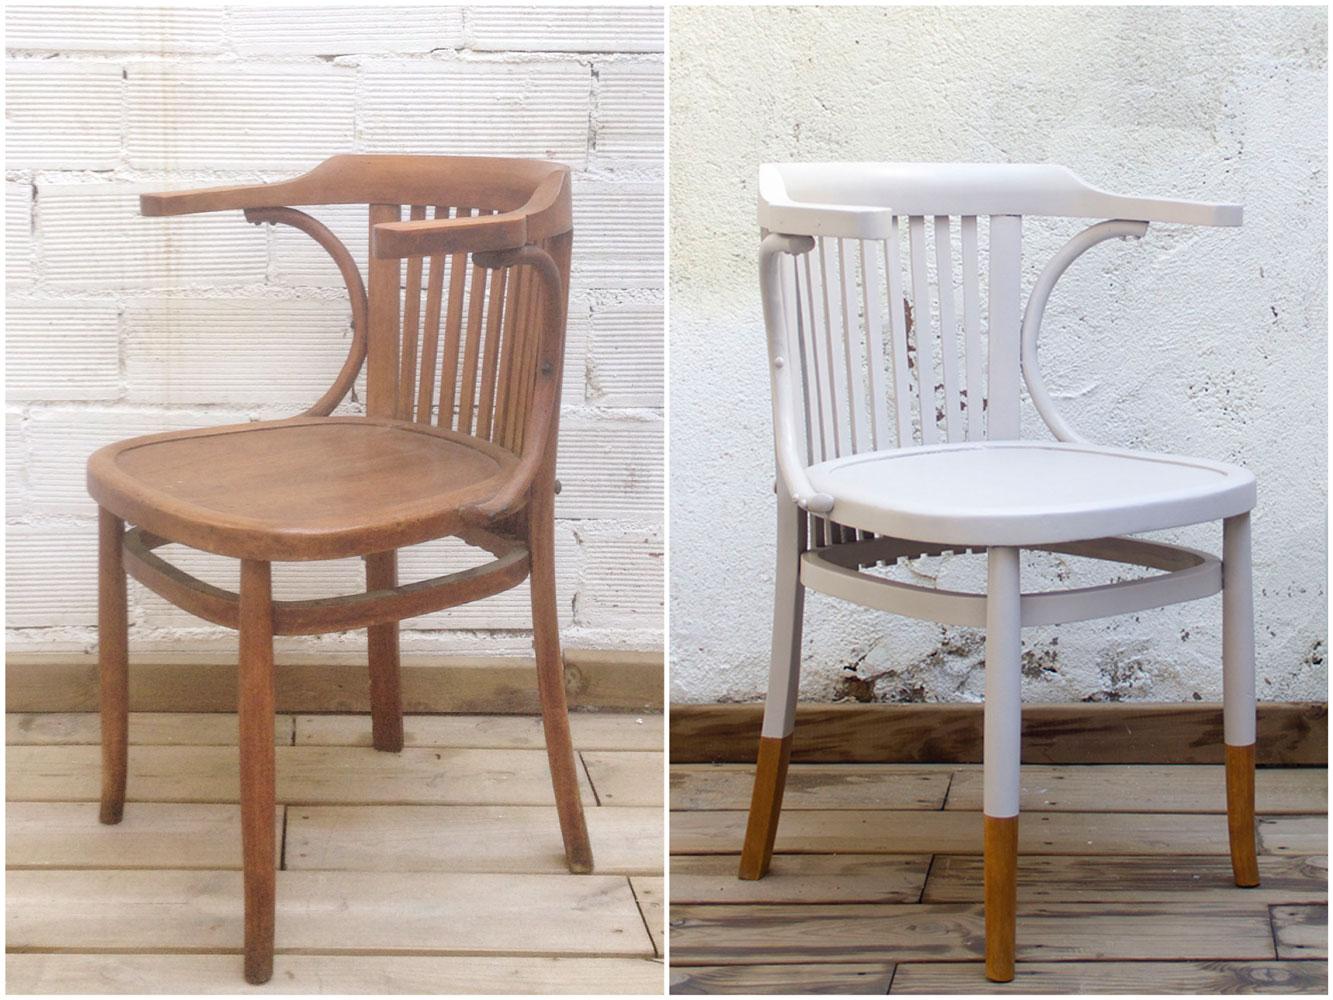 Antes y Después - Una silla bistró tipo Thonet en Dip-Dye inverso